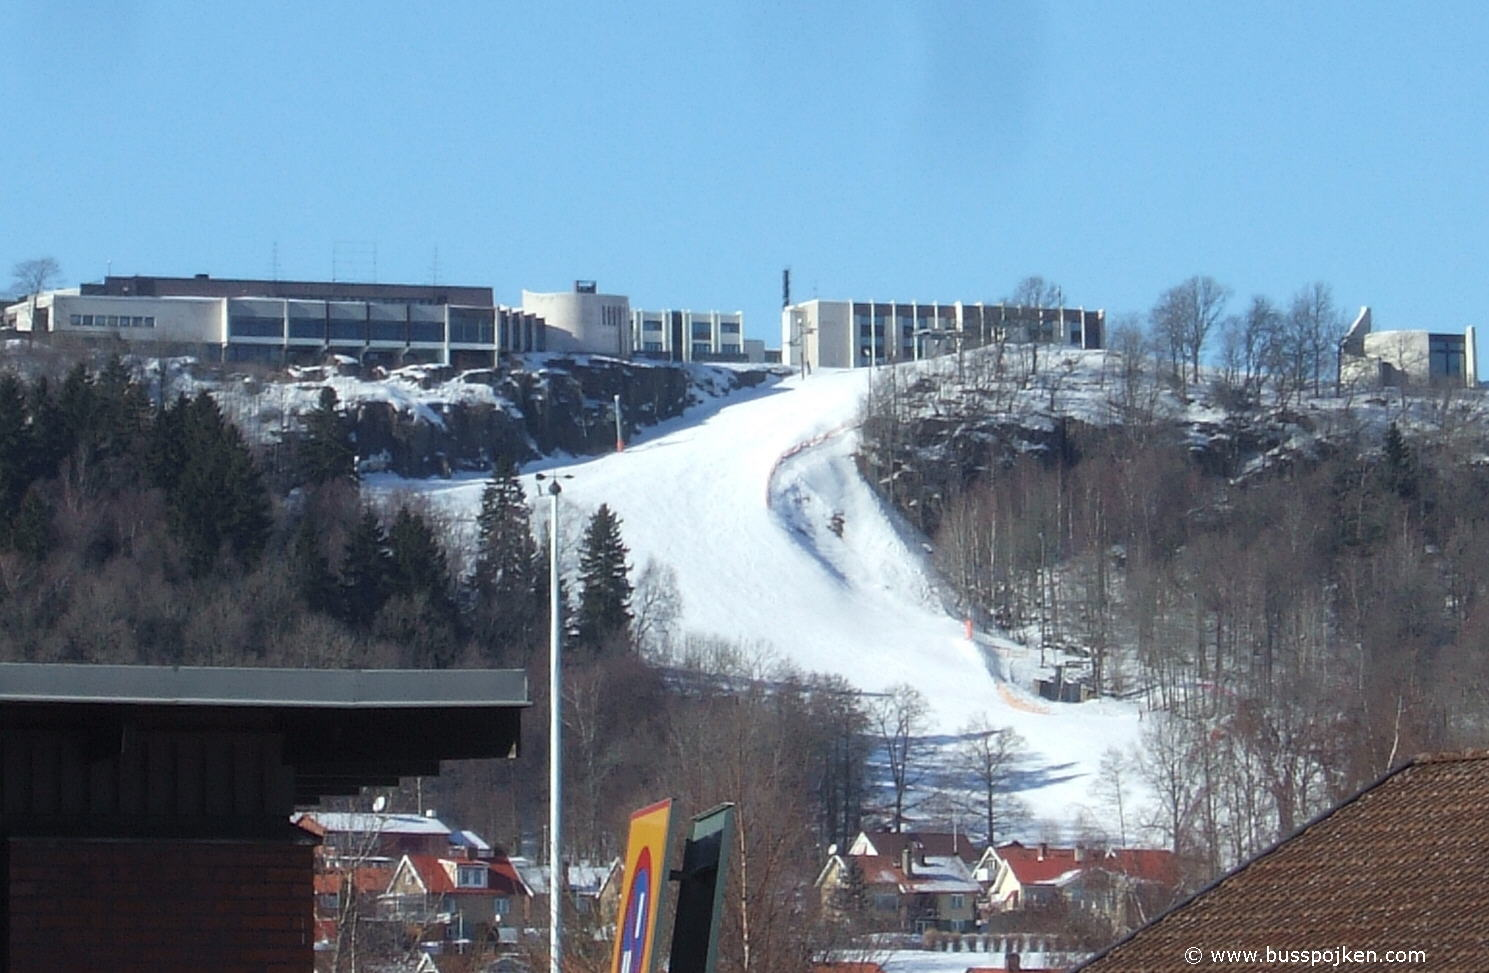 Billingen skislope in Skövde.